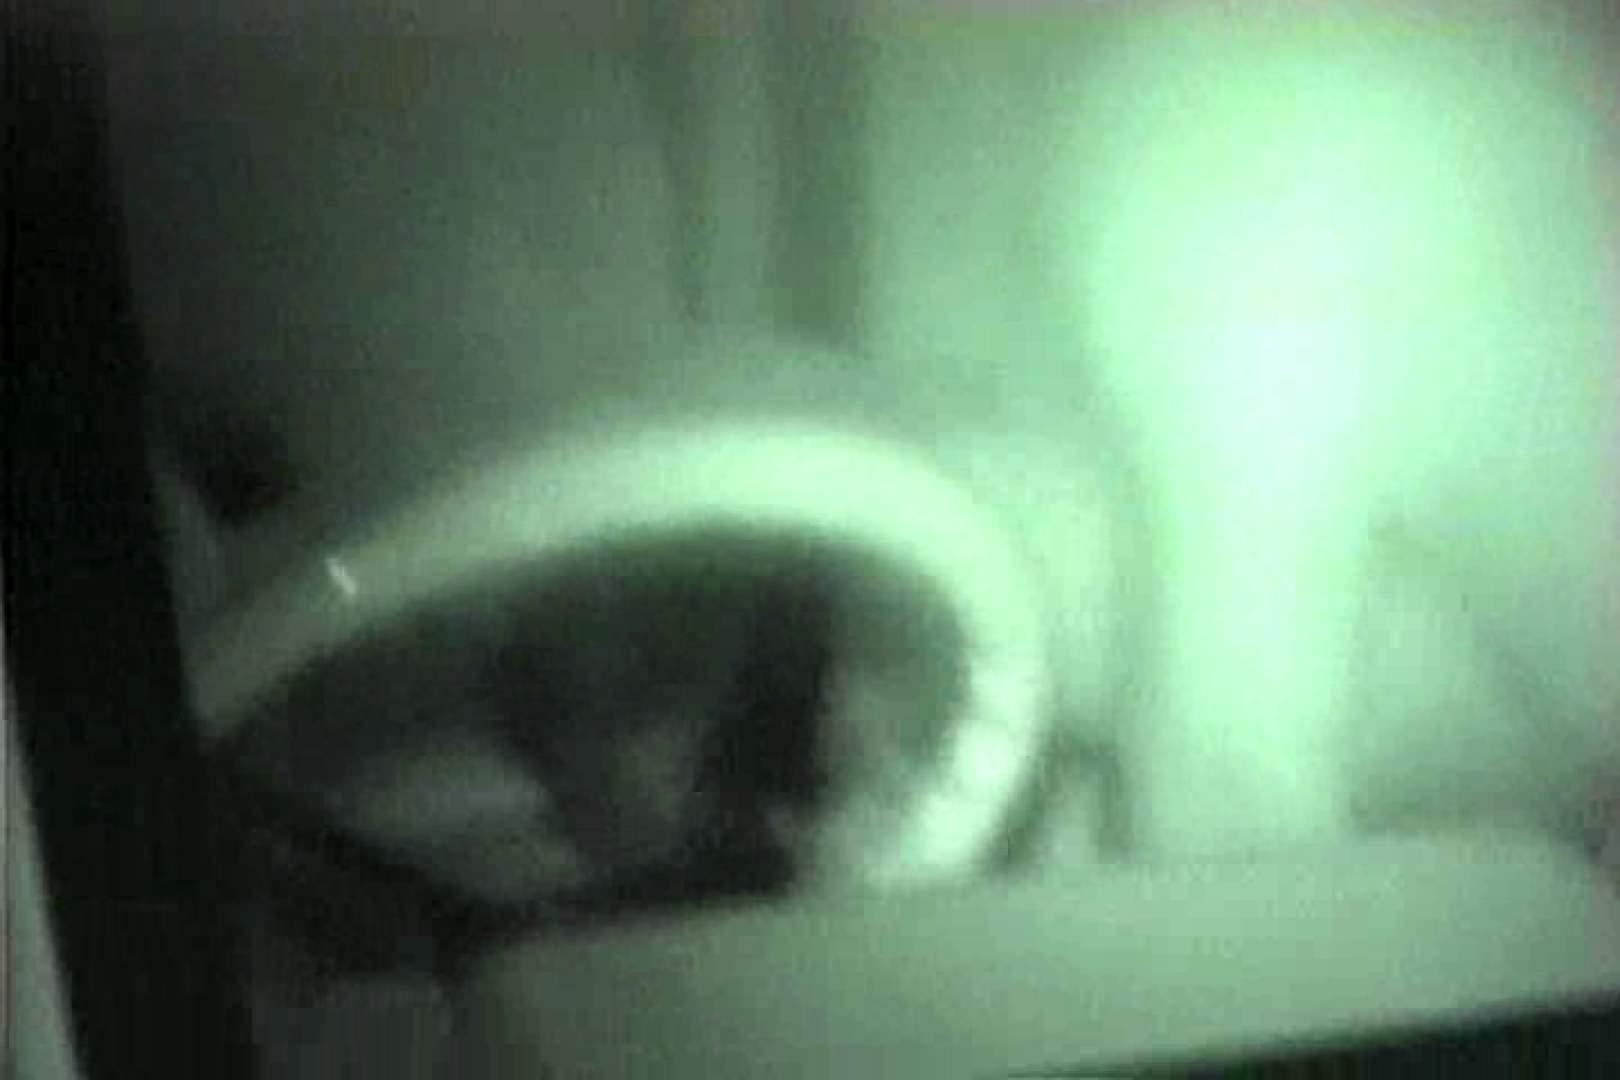 車の中はラブホテル 無修正版  Vol.9 OLの実態 のぞきおめこ無修正画像 58pic 52